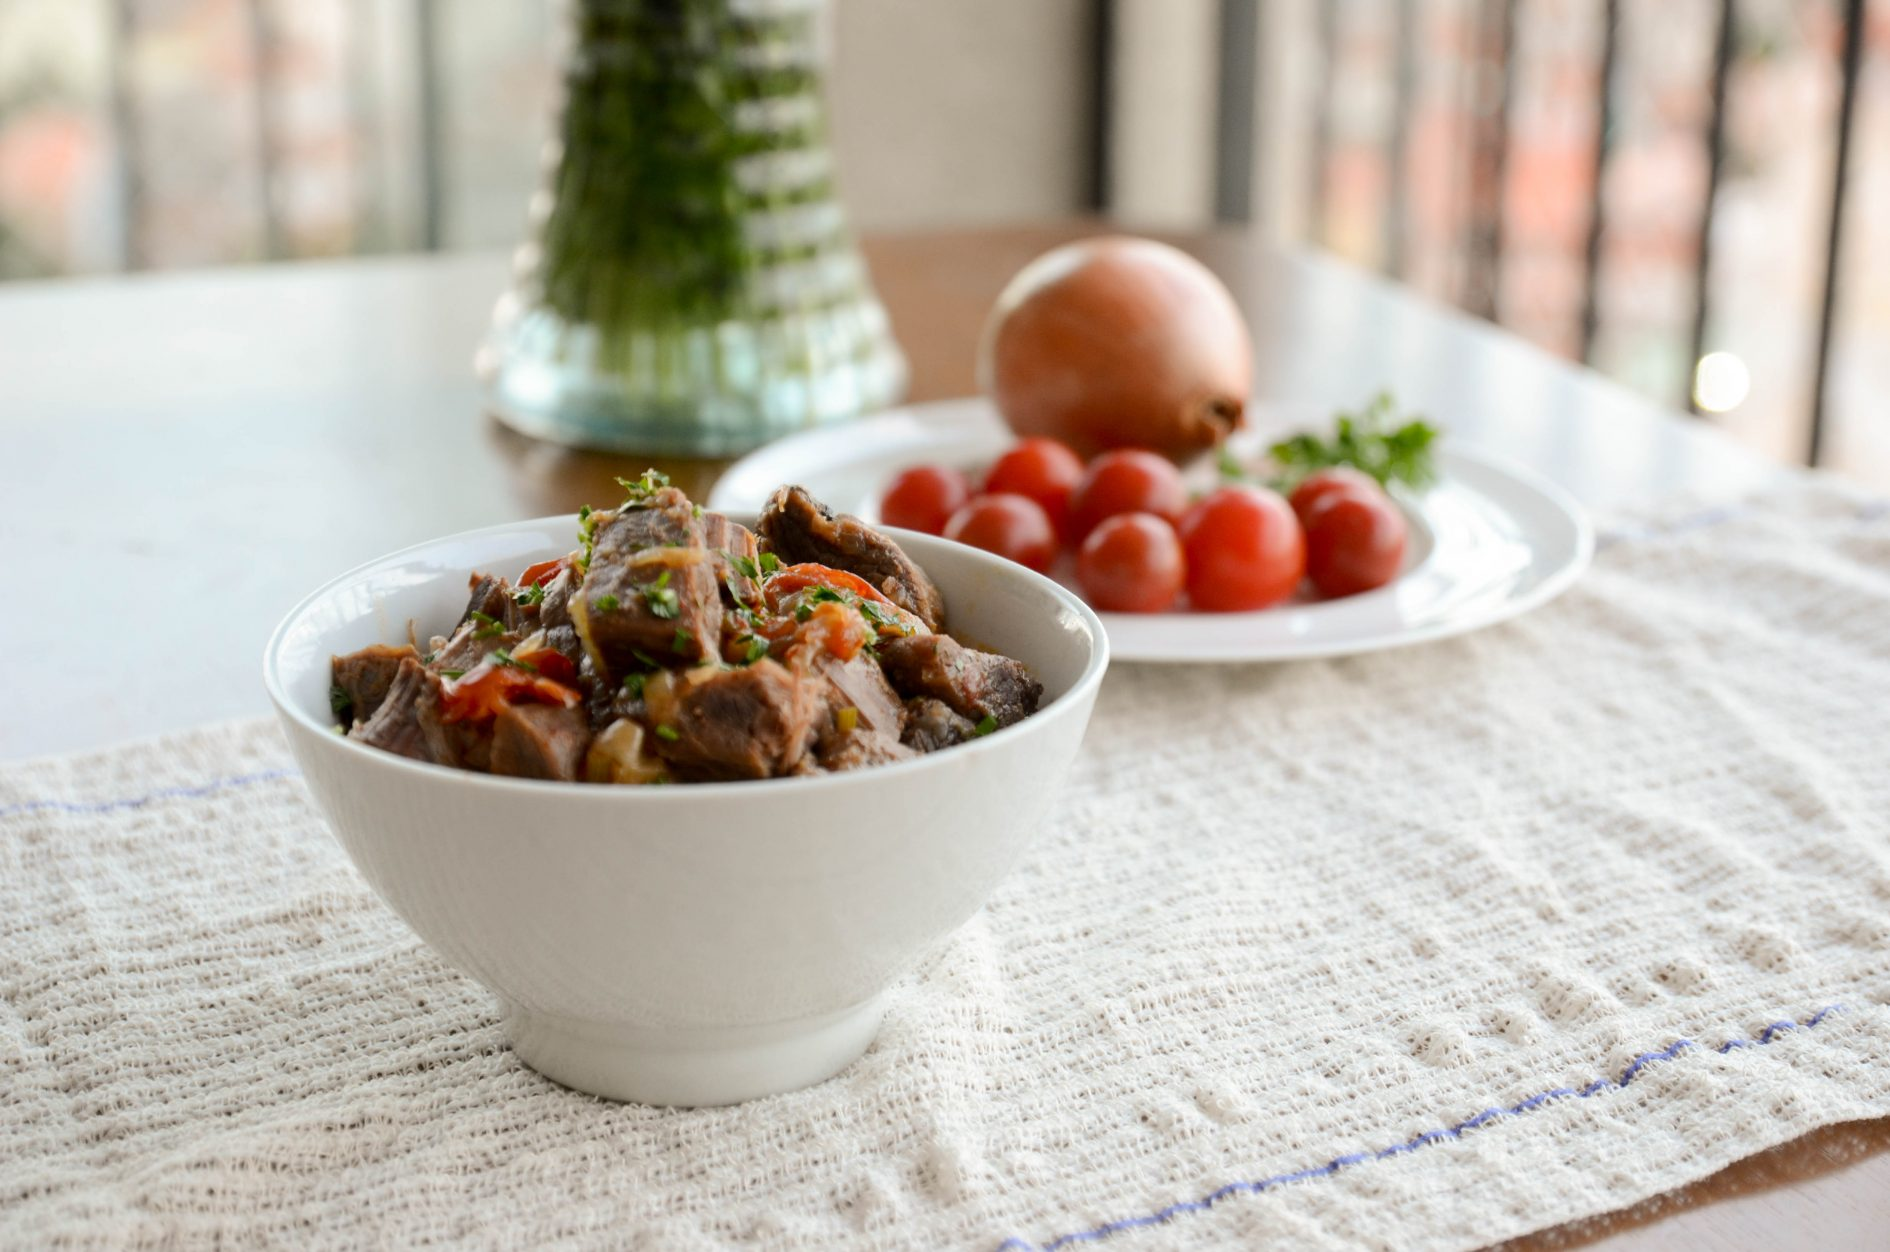 receita de picadinho de fraldinha na pressão com cebola e tomates